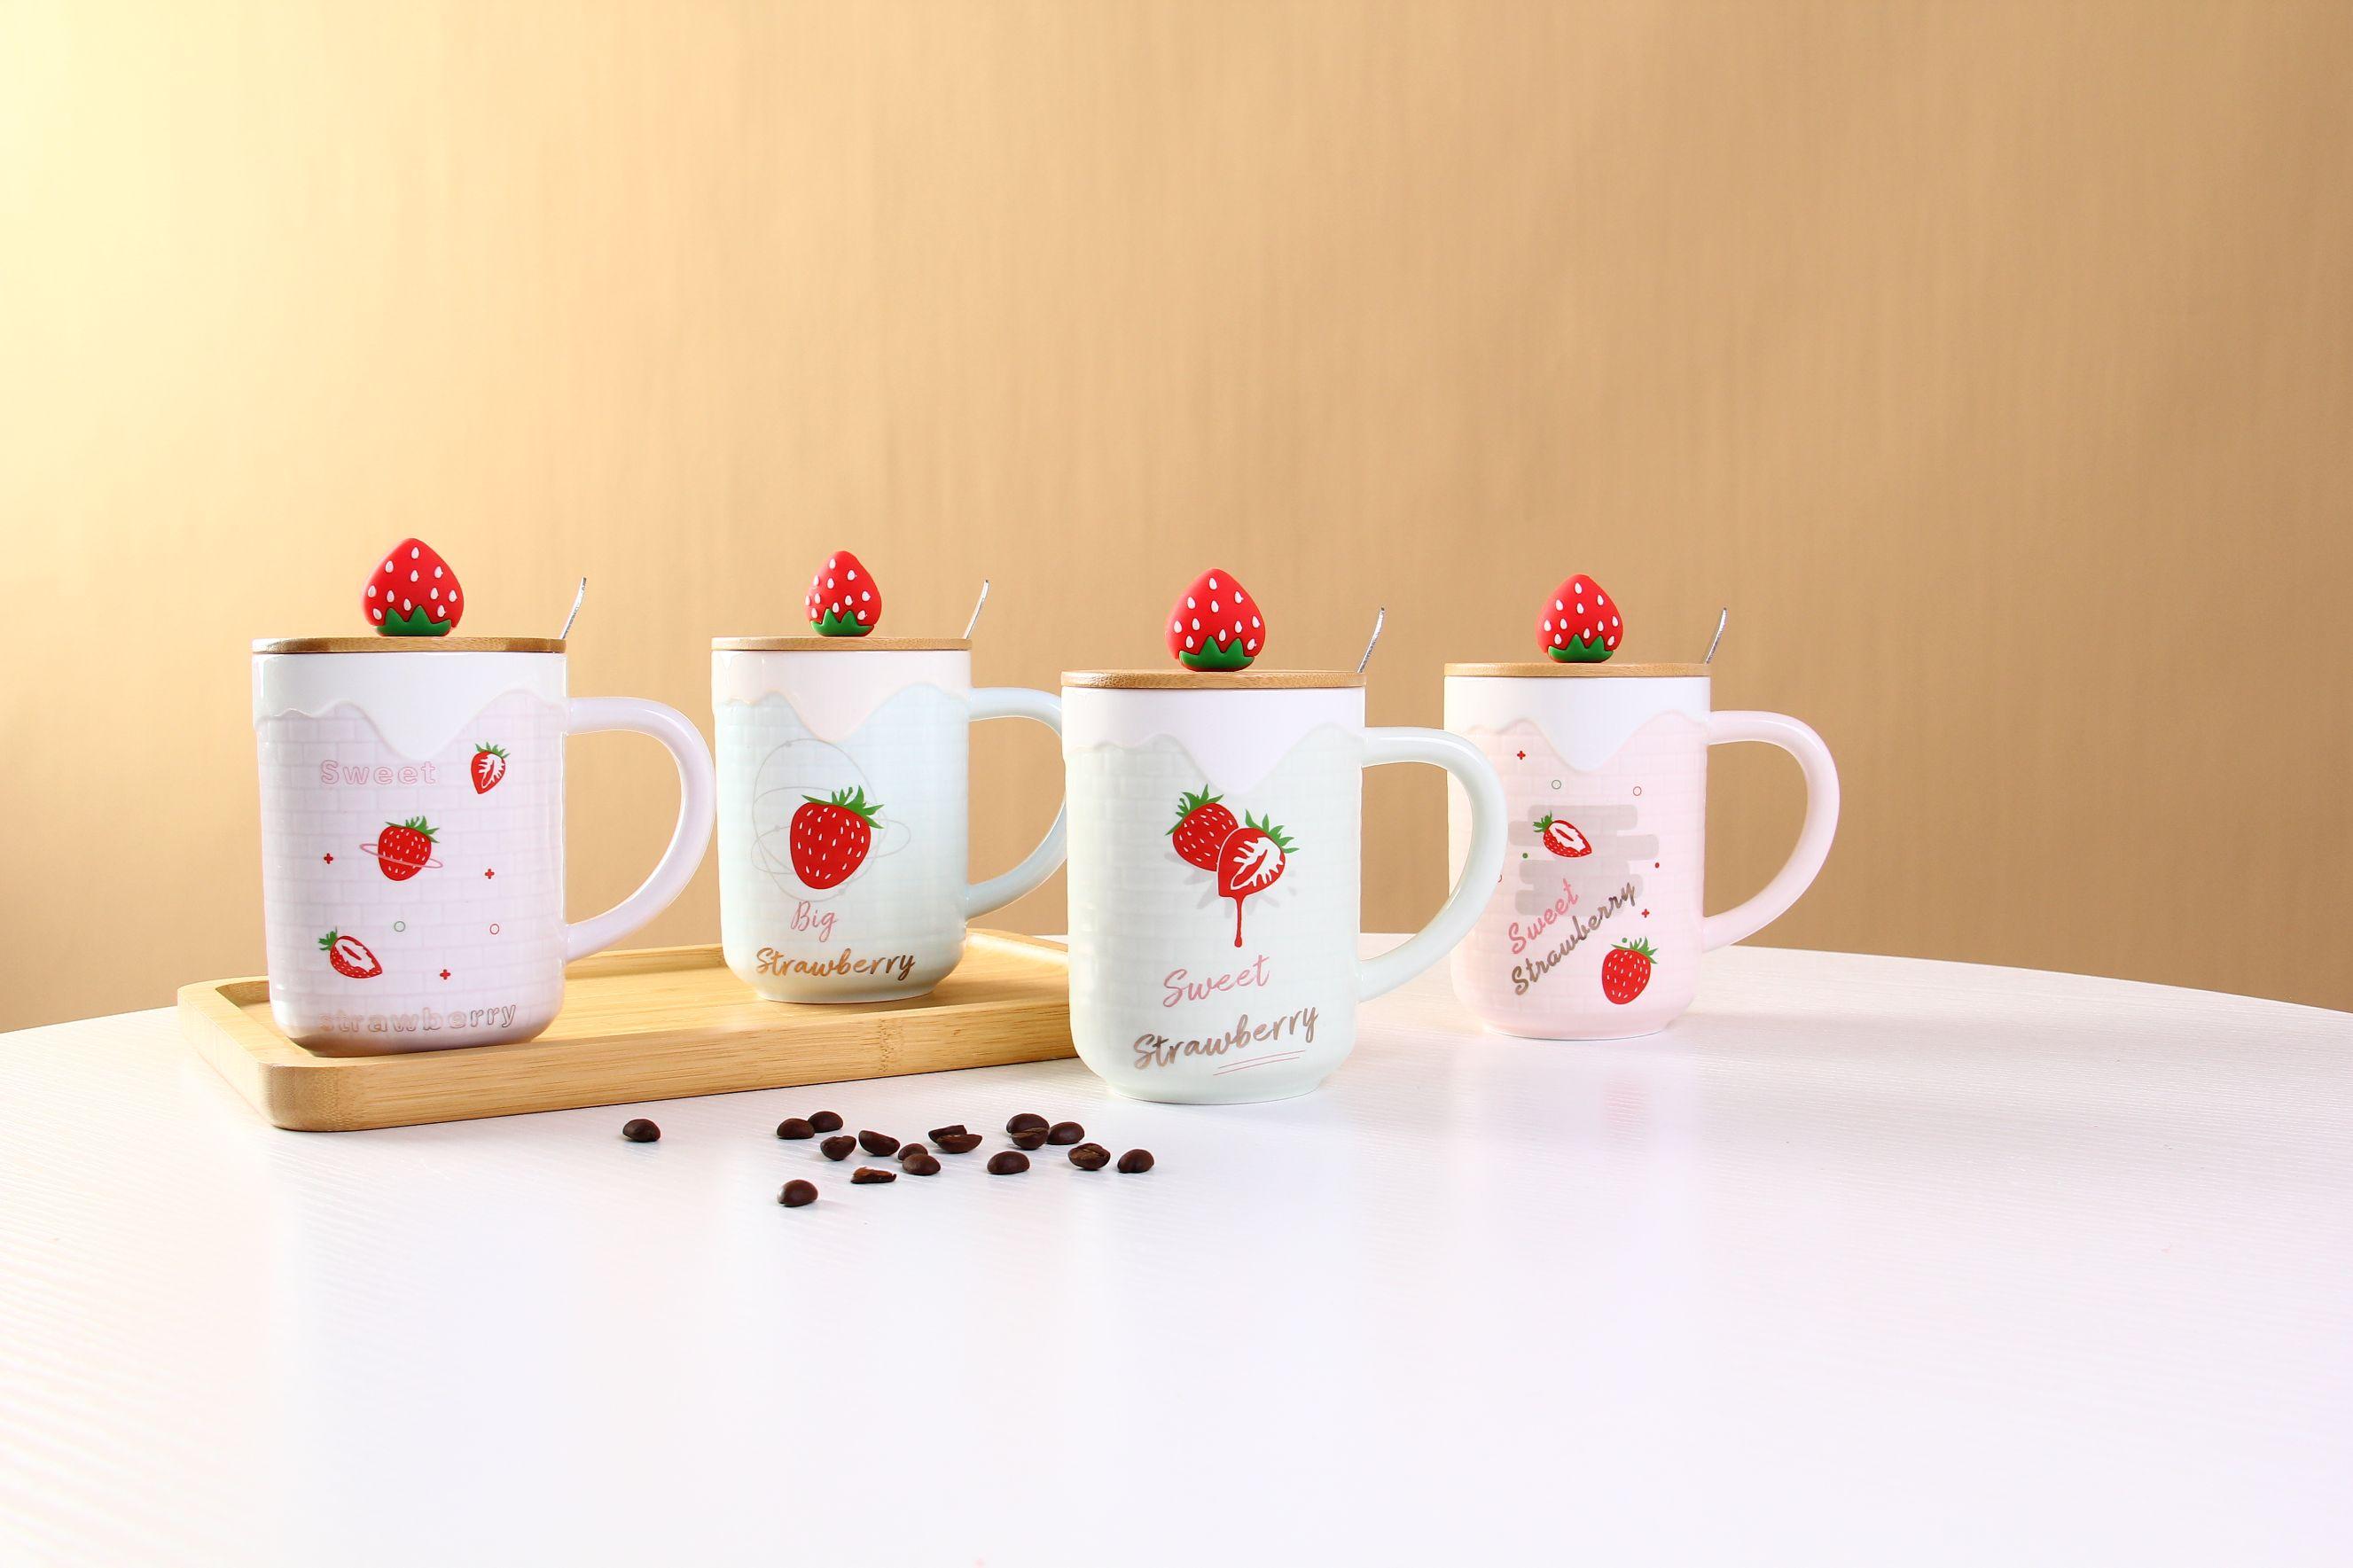 草莓手握杯带盖马克杯创意少女心